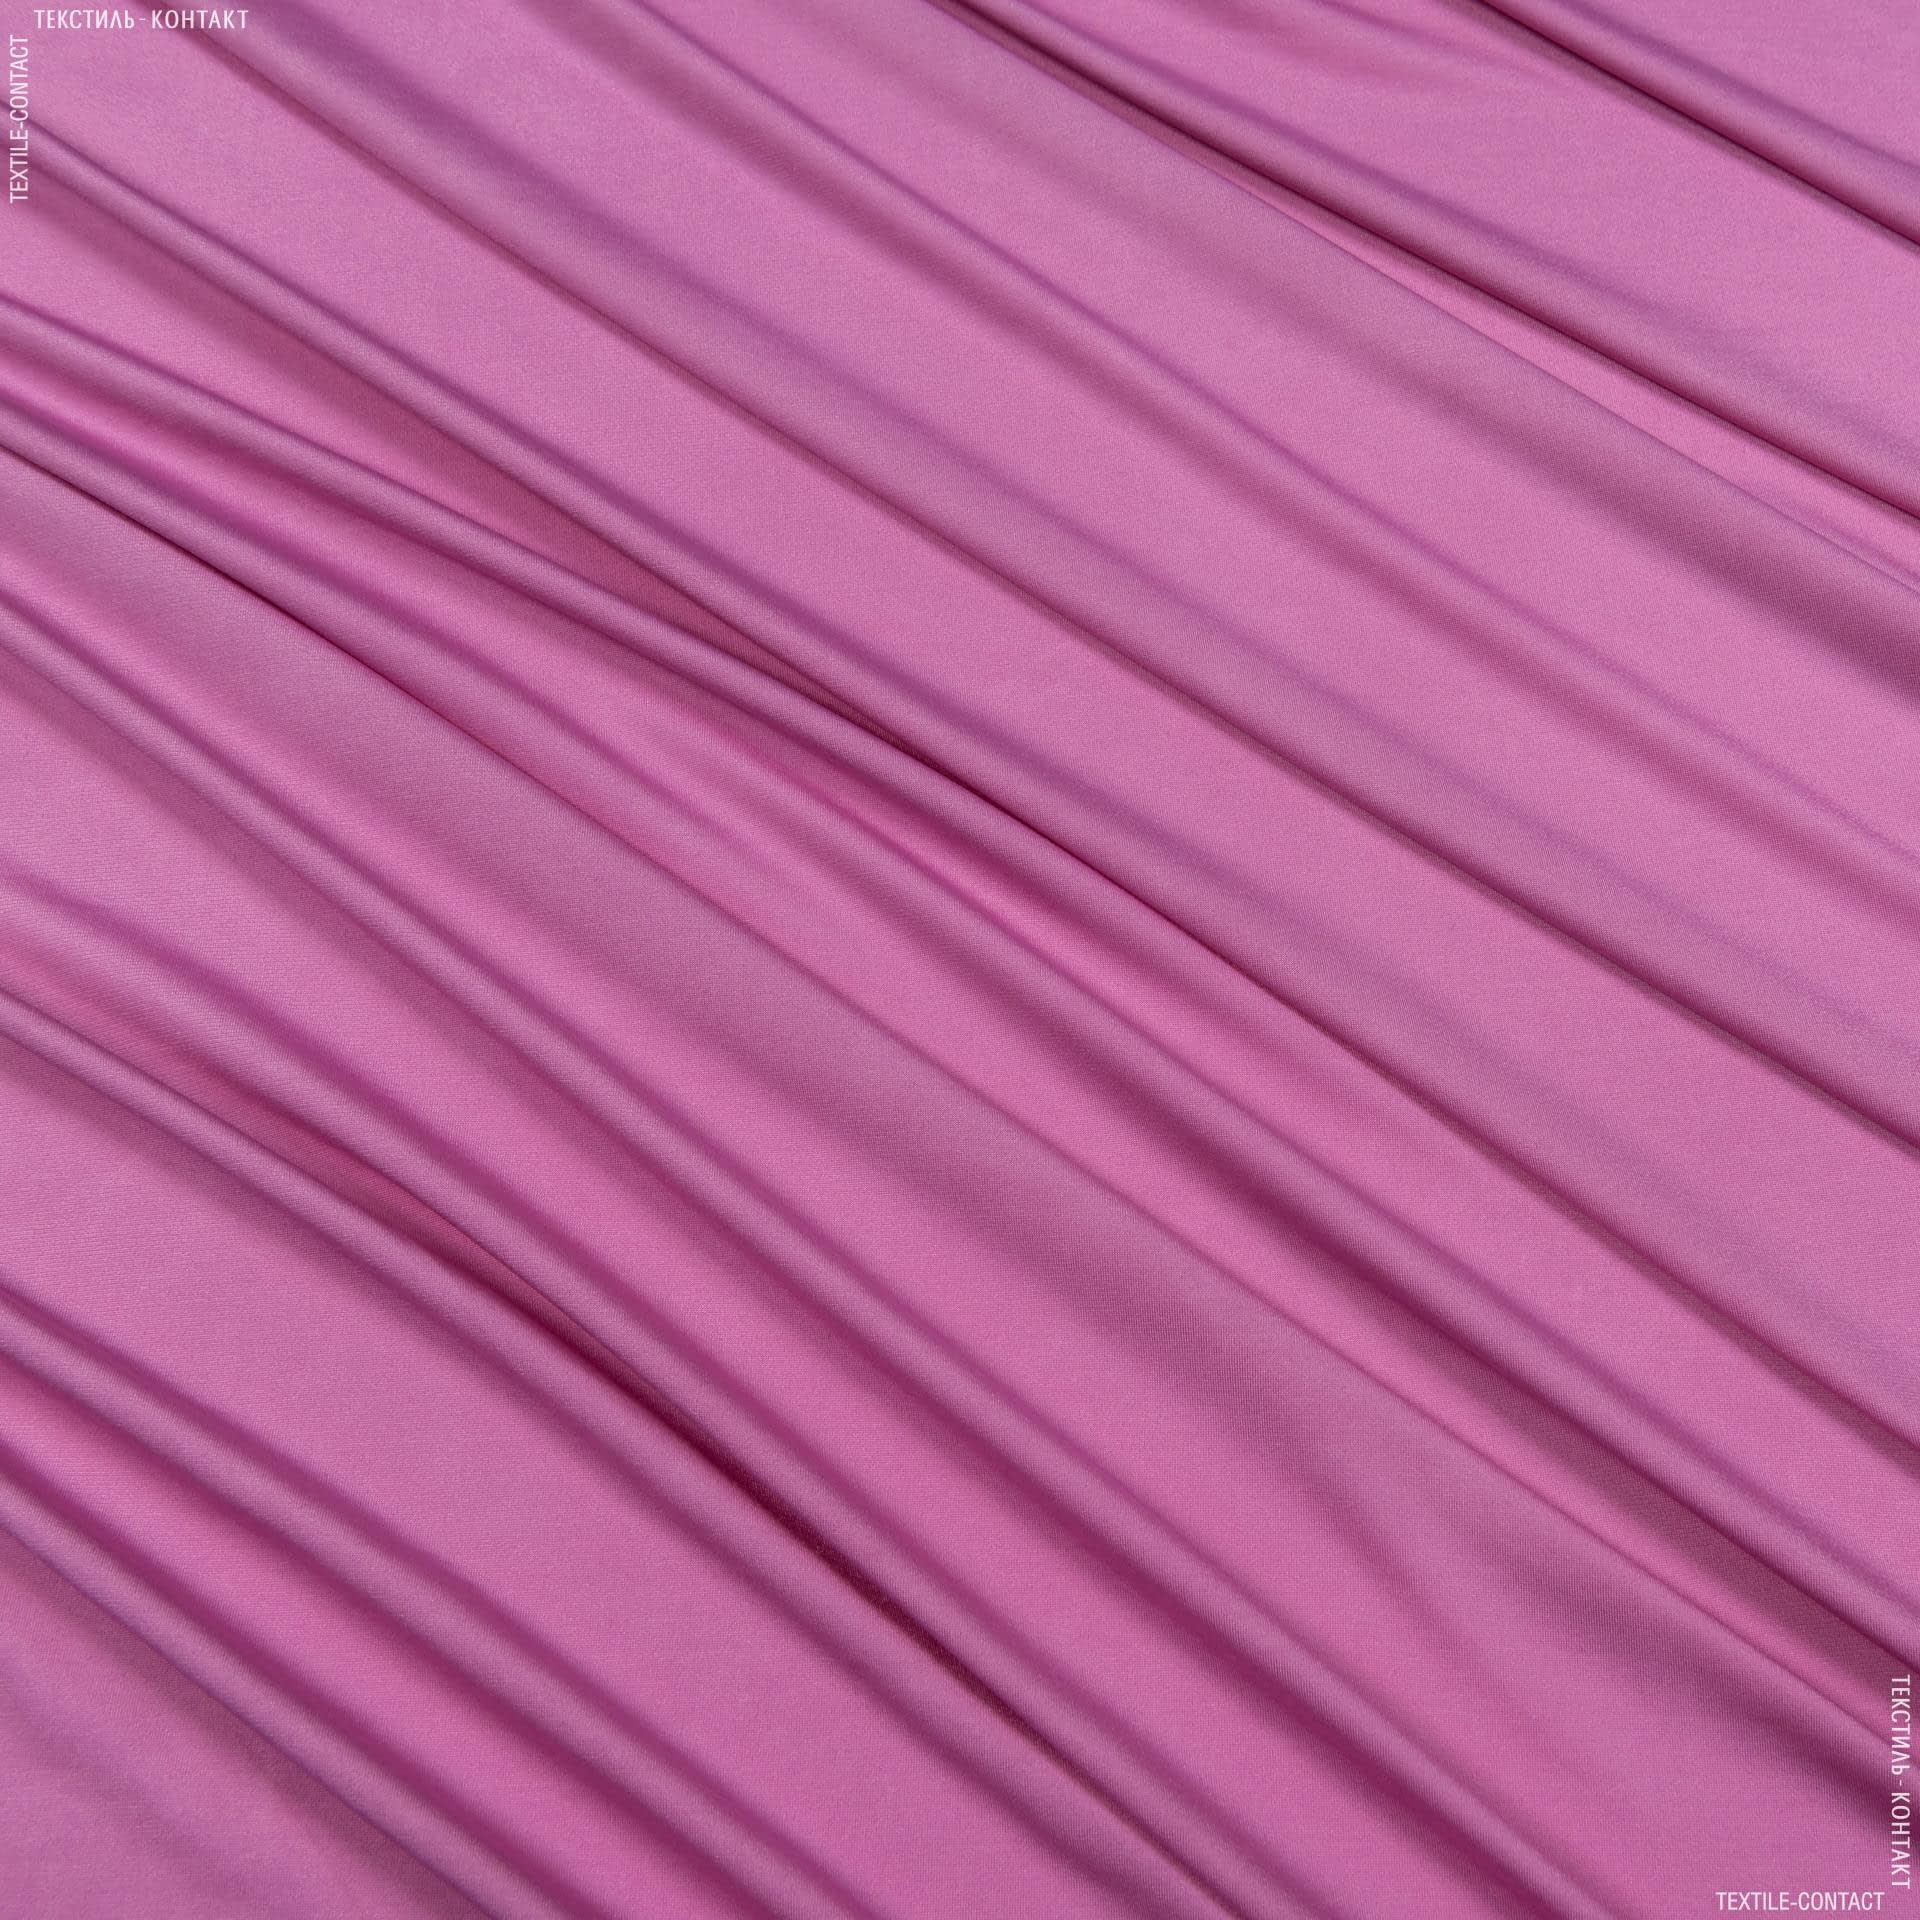 Тканини для суконь - Трикотаж масло бузковий